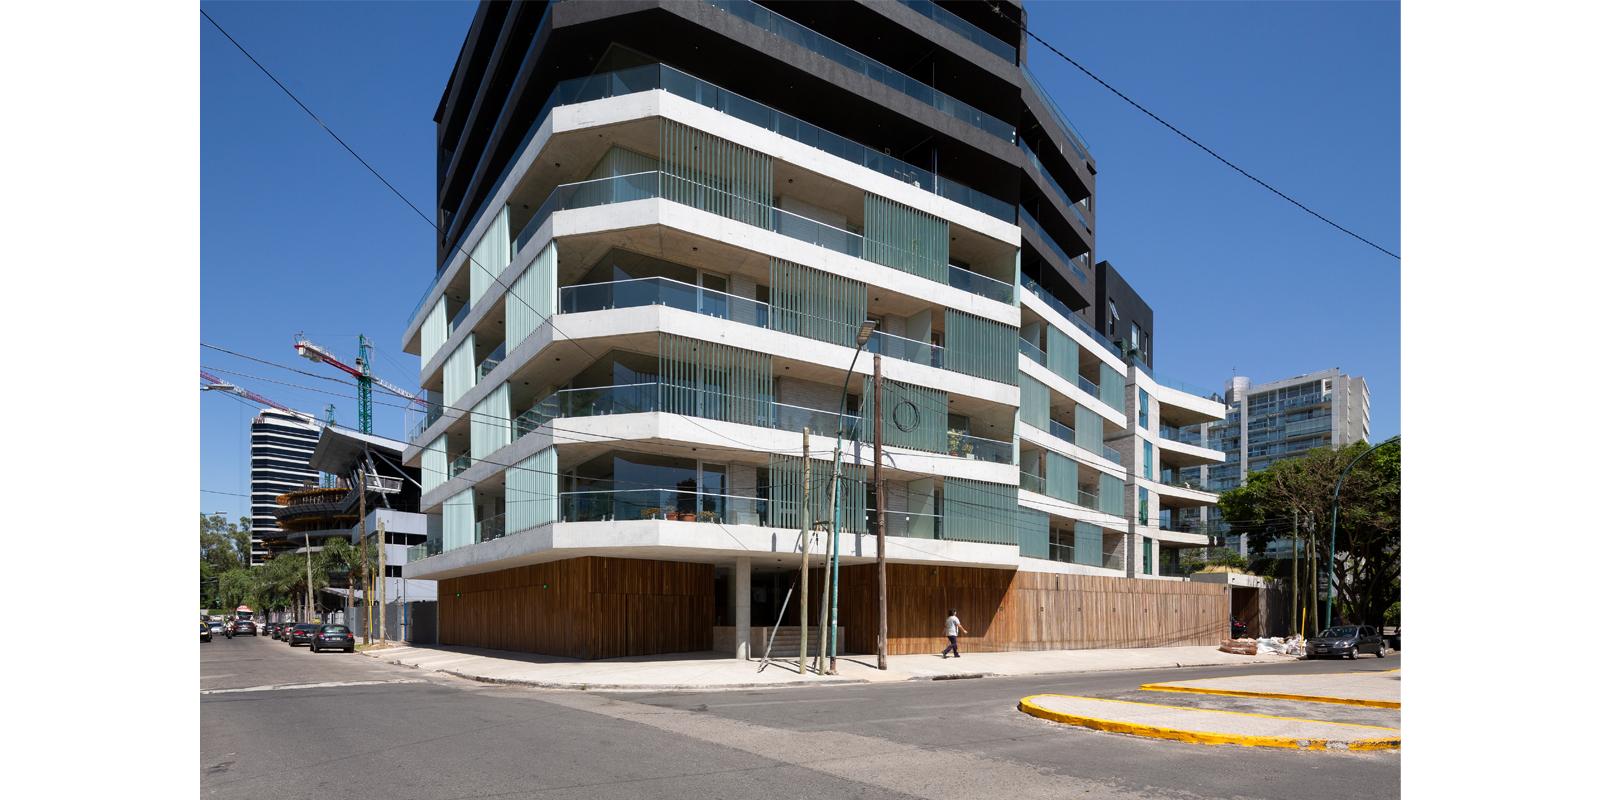 ProyectoC_Arquitectos_Portfolio_07_Arenales